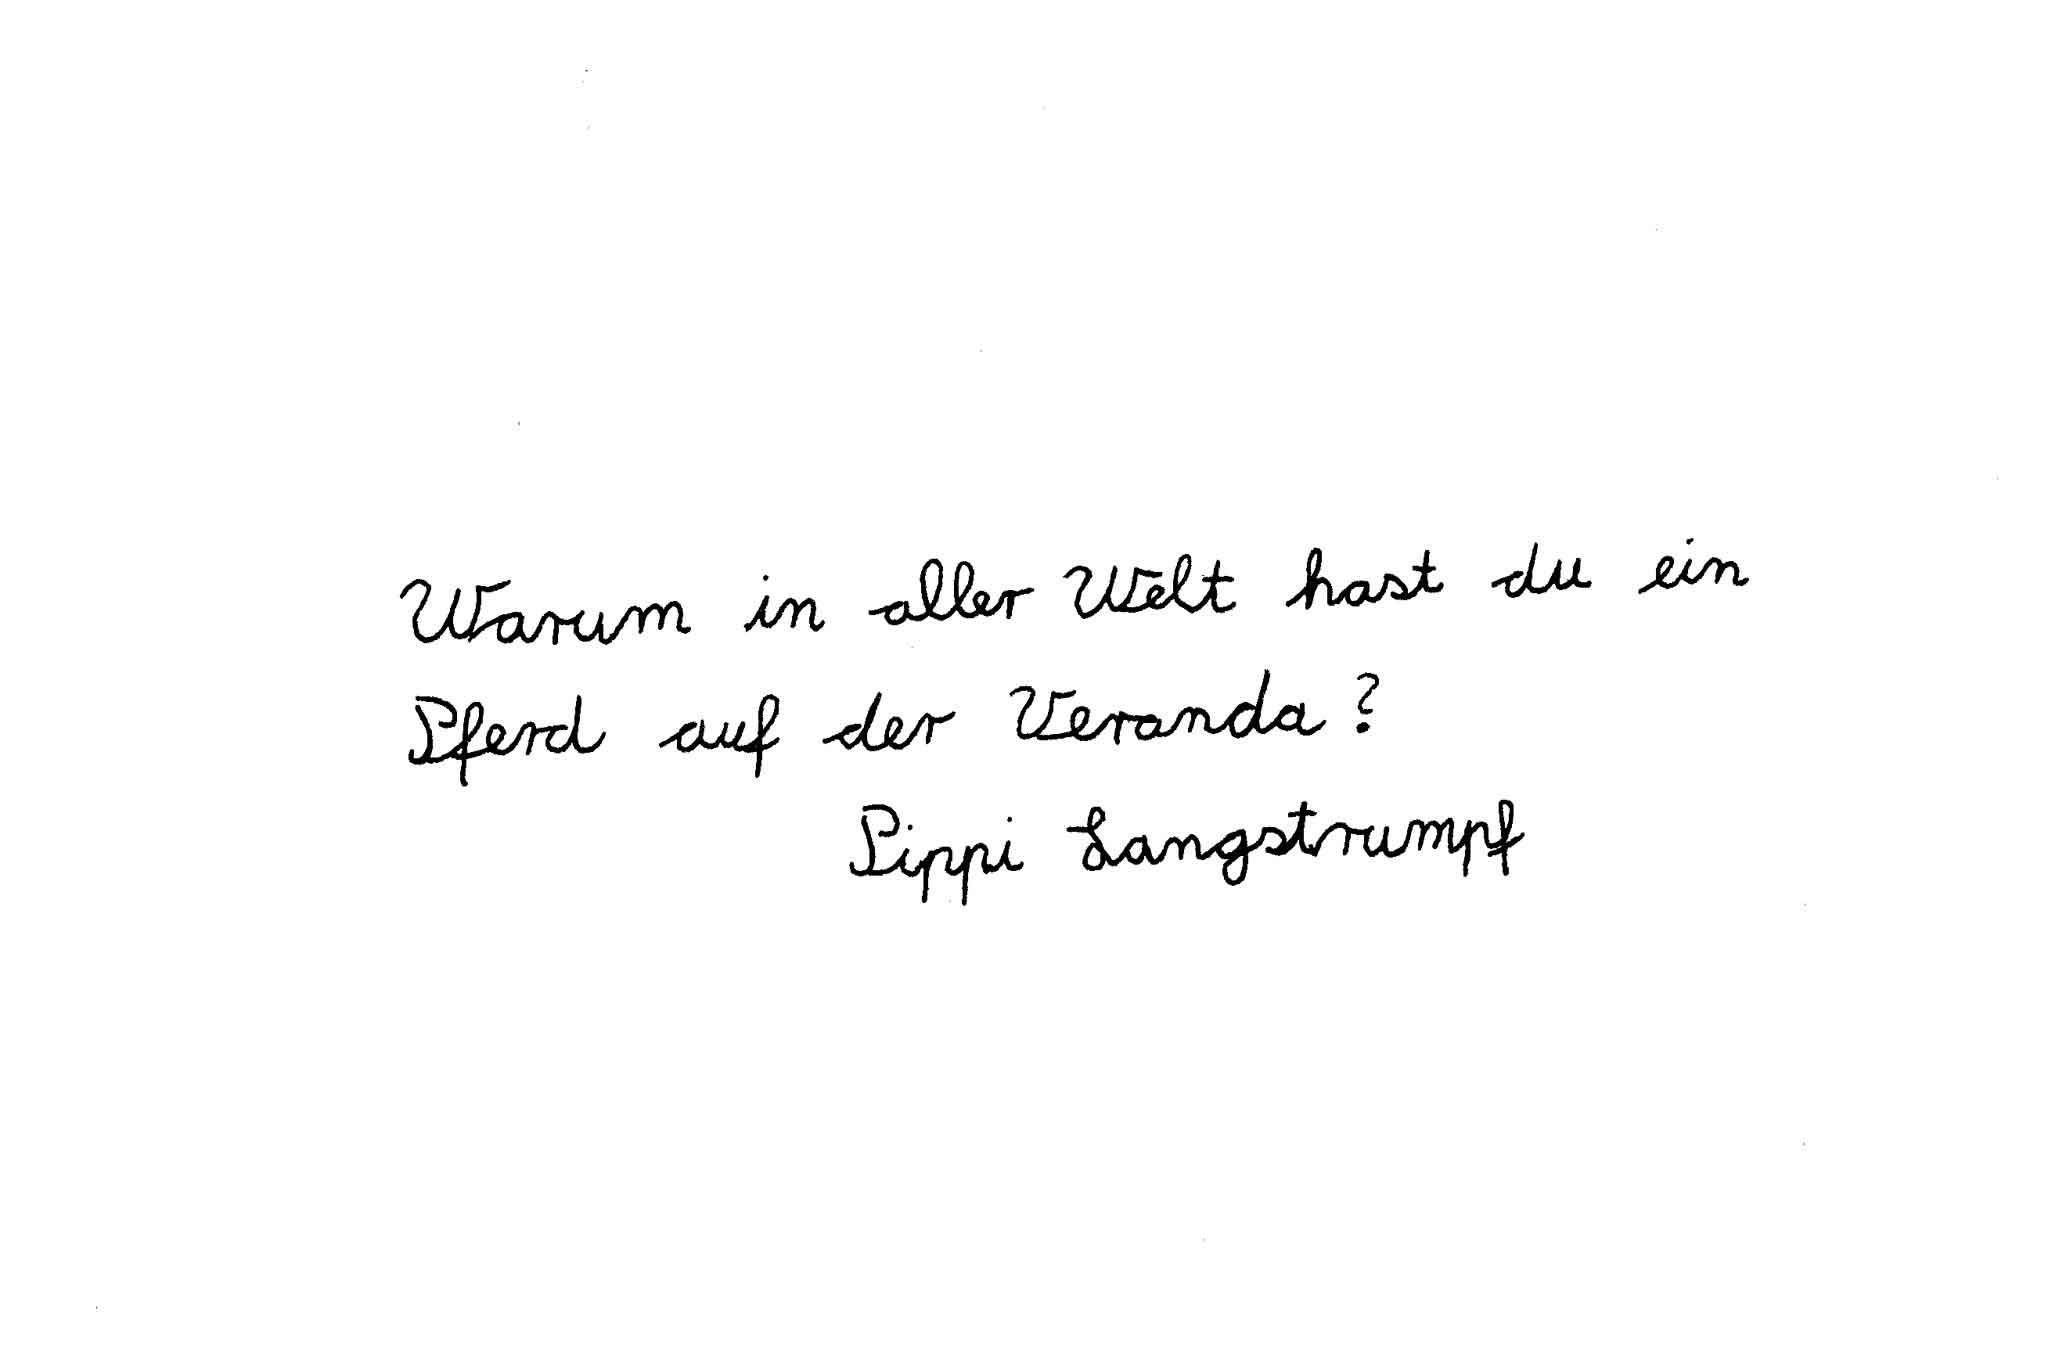 Berühmt Zitate Von Astrid Lindgren Myzitate - vinpearl-baidai.info #DQ_83